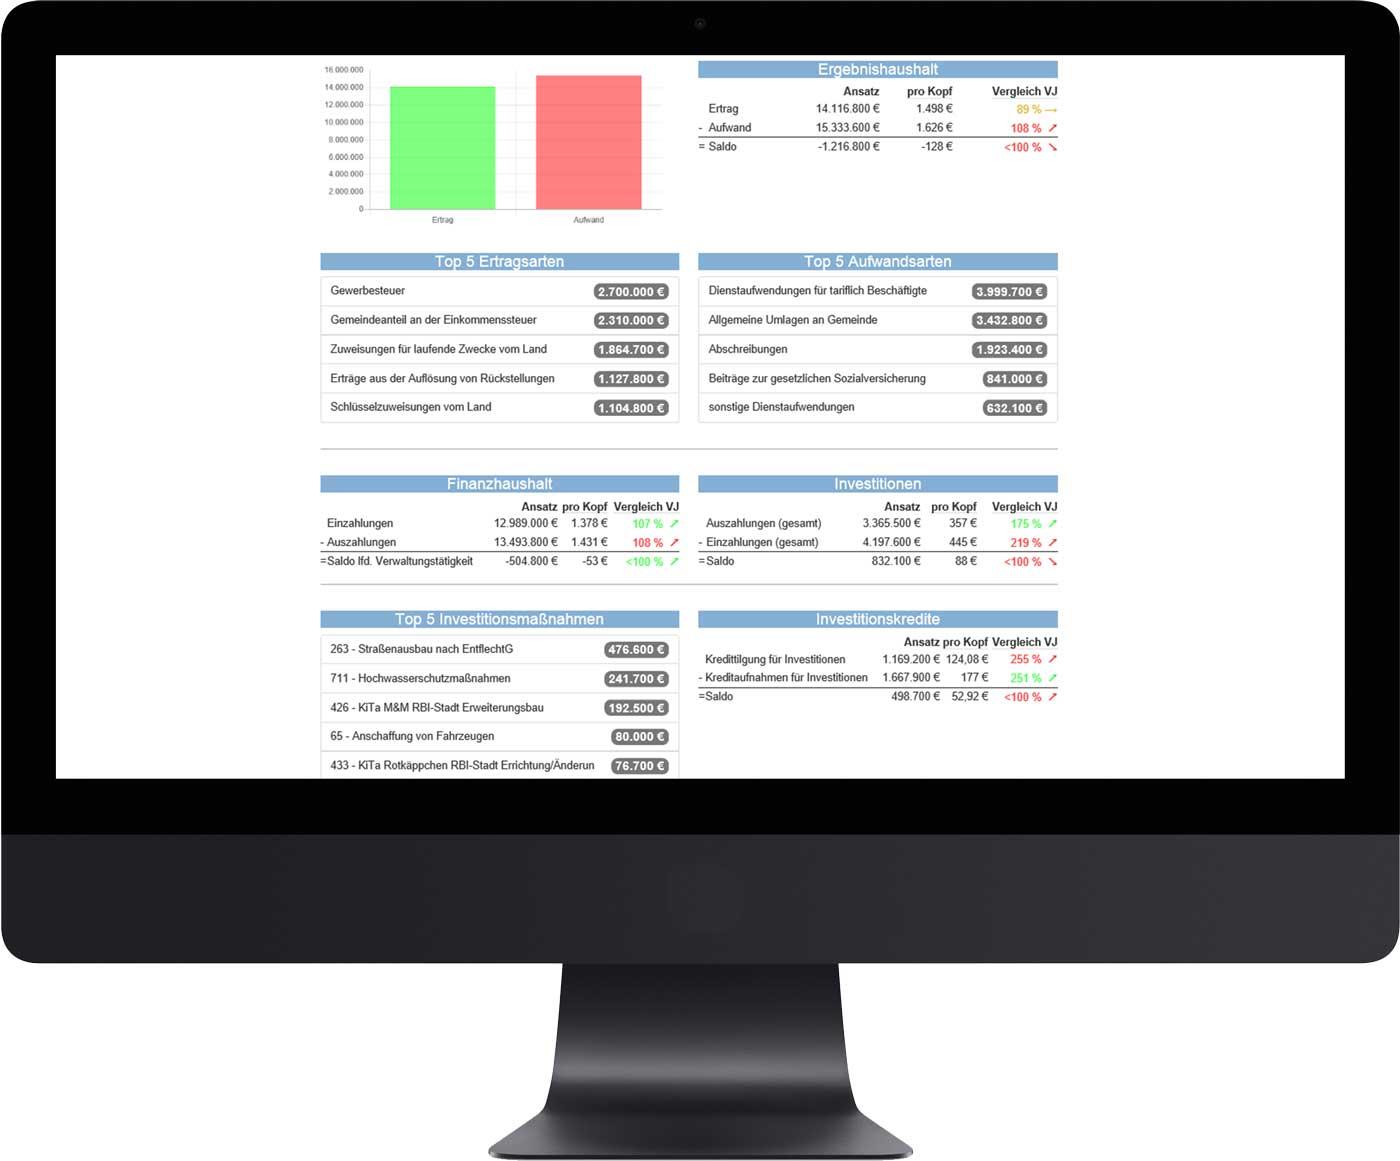 Übersicht auf PC-Bildschirm